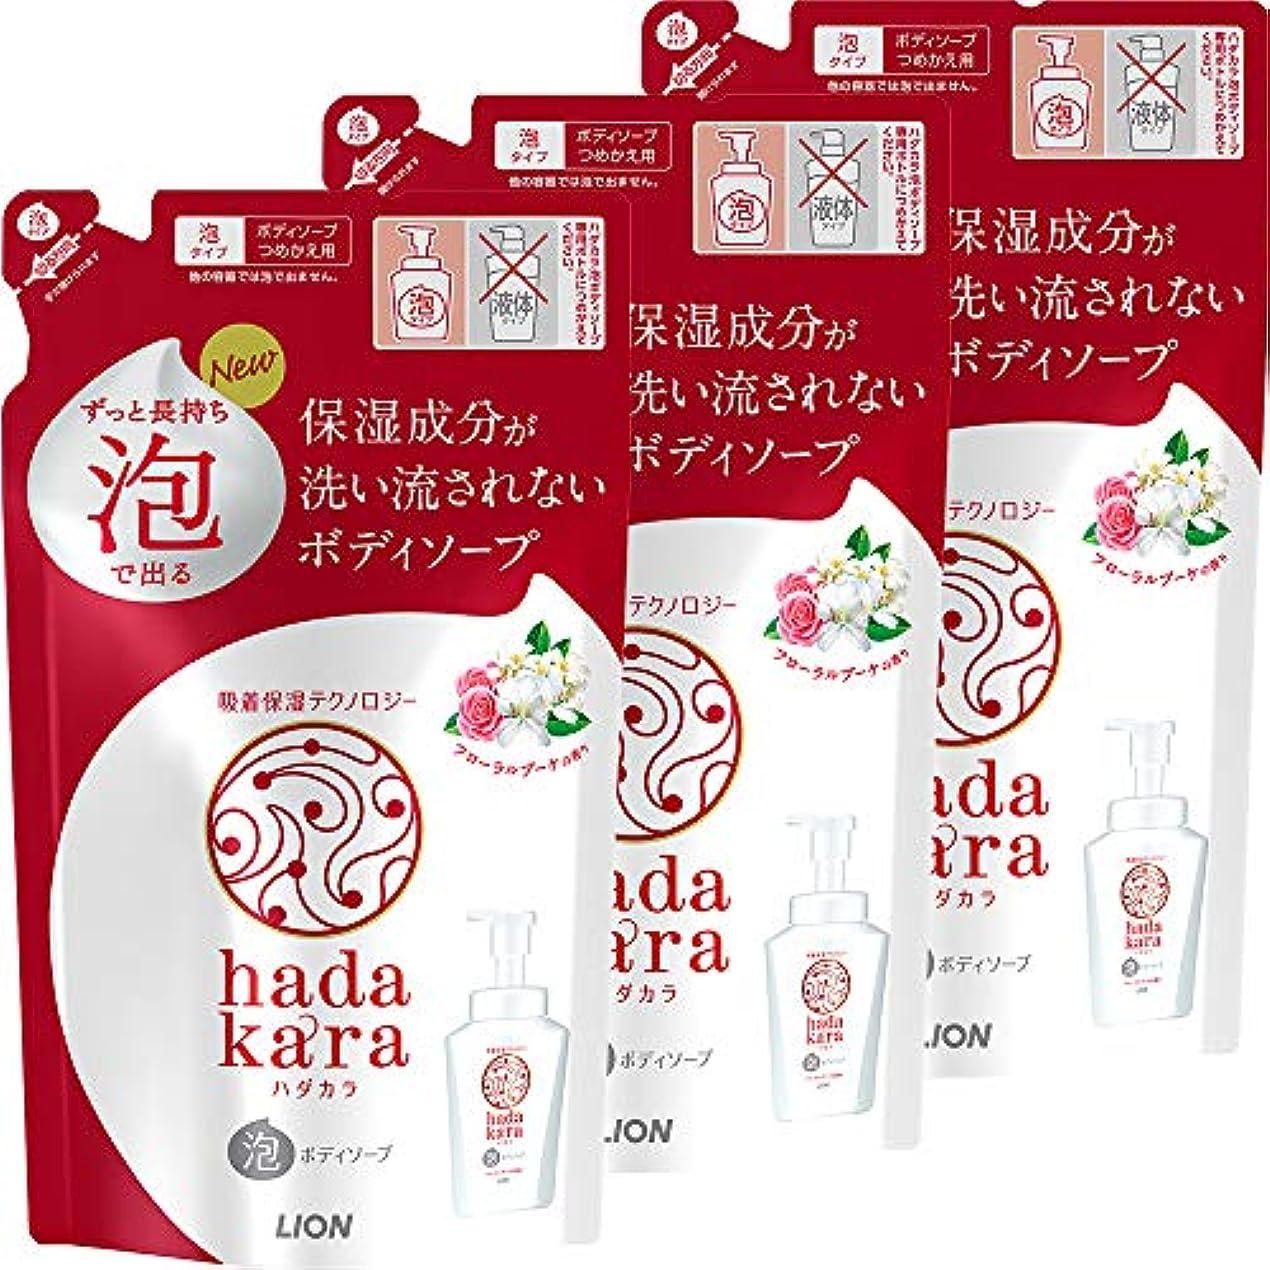 前進悪用軌道hadakara(ハダカラ) ボディソープ 泡タイプ フローラルブーケの香り 詰替440ml×3個